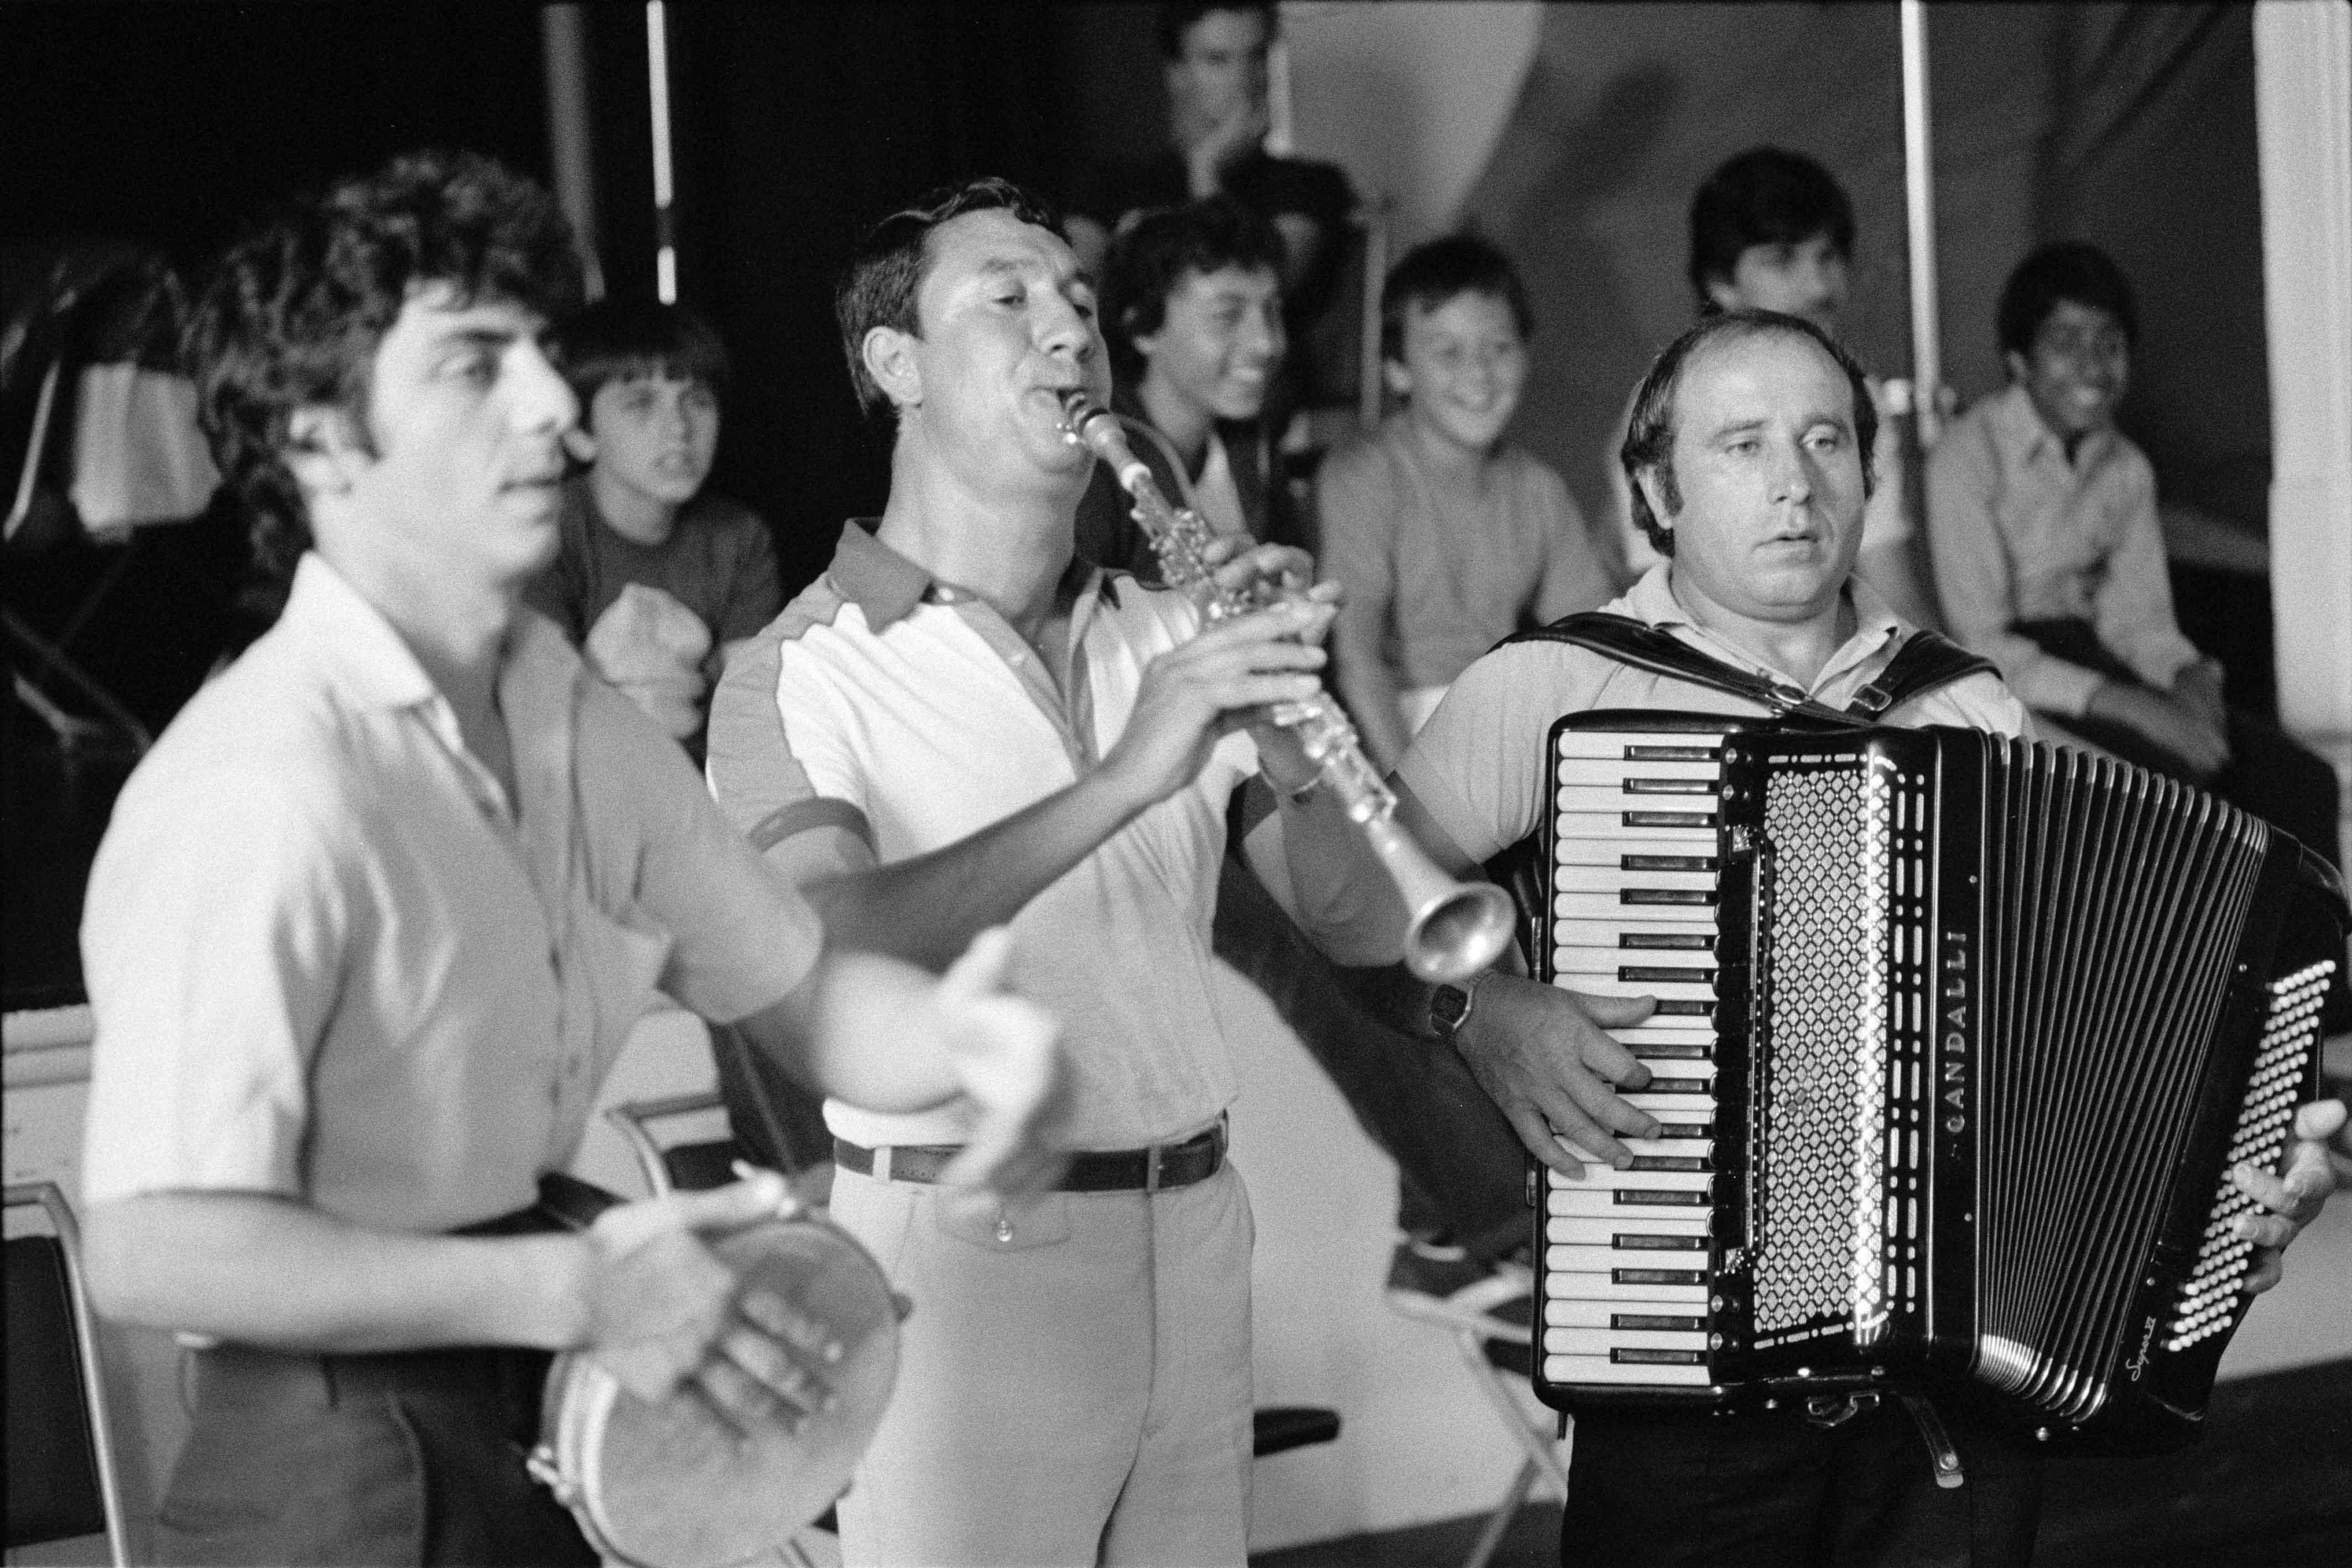 137. North Perth musicians, 1986